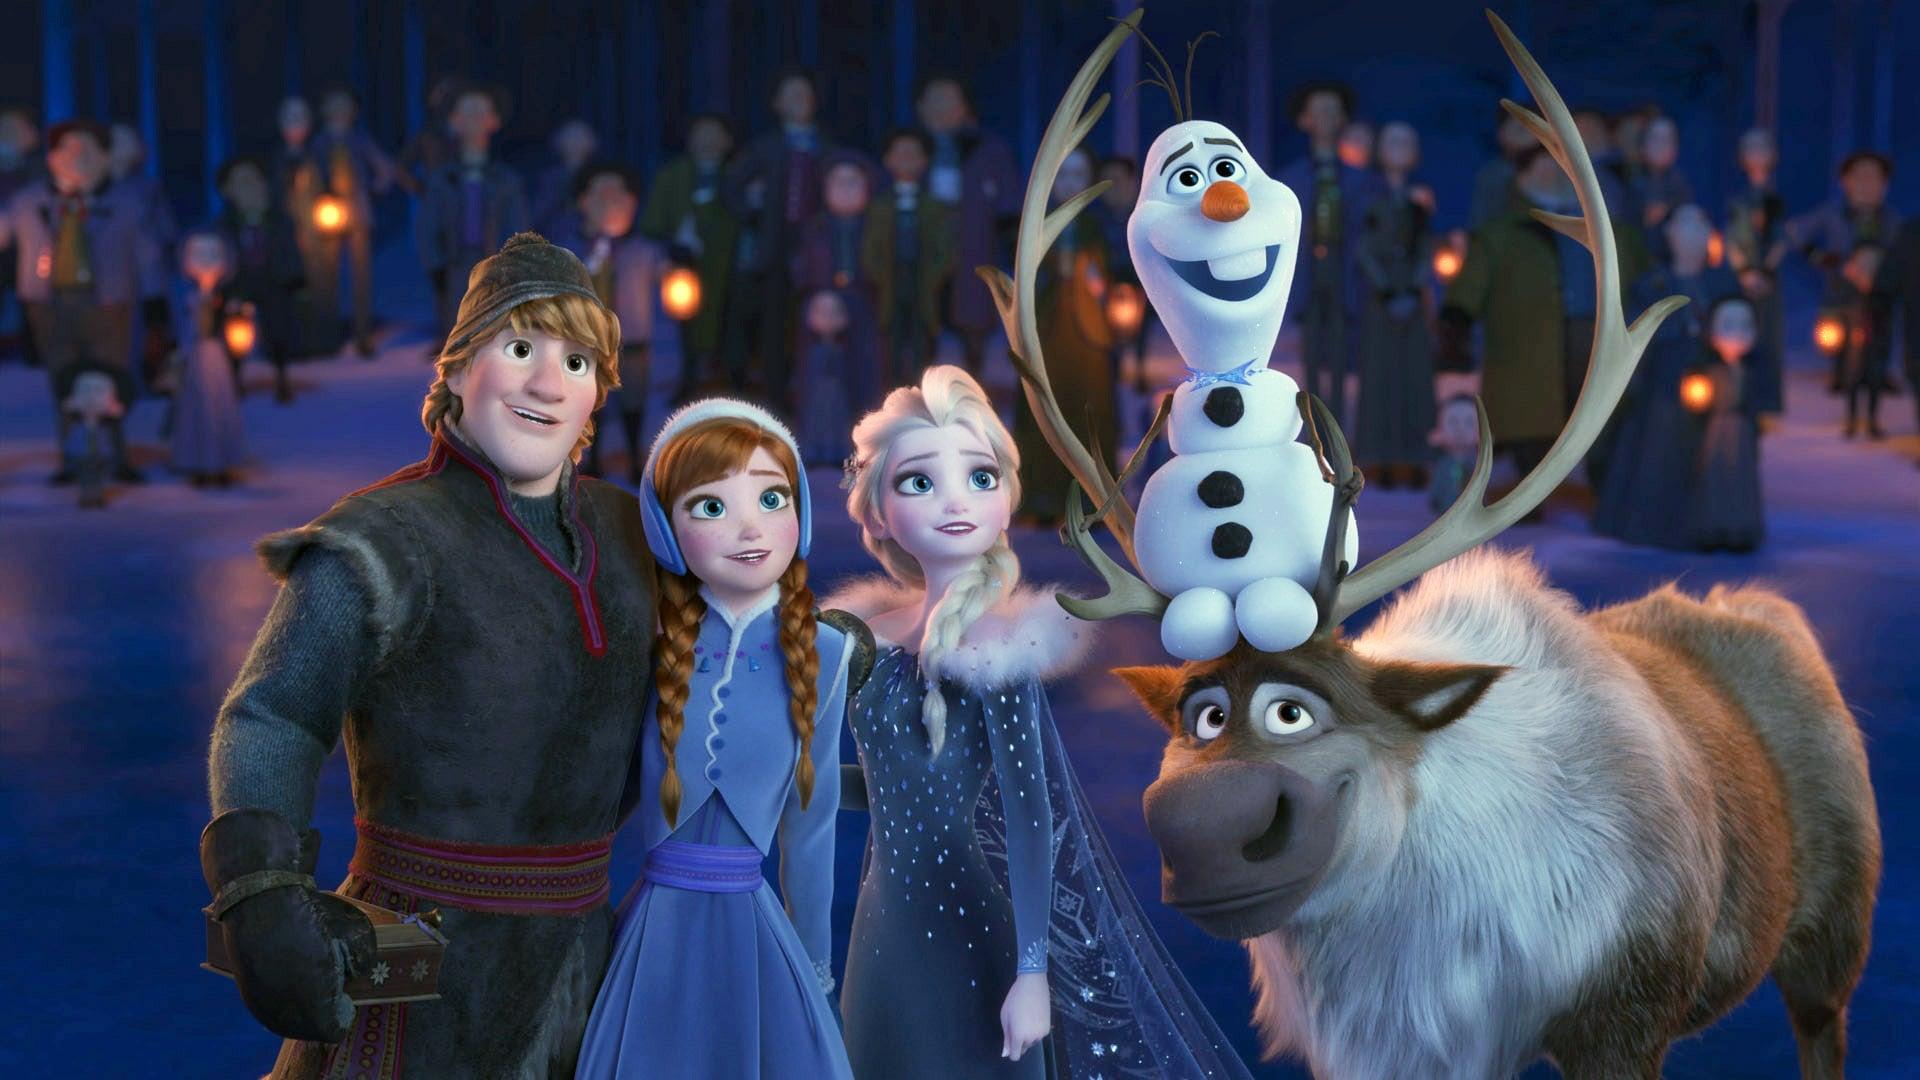 2019 год - Олаф и холодное приключение (Olaf's Frozen Adventure, 2019) - МИР Кино - foboxs.com